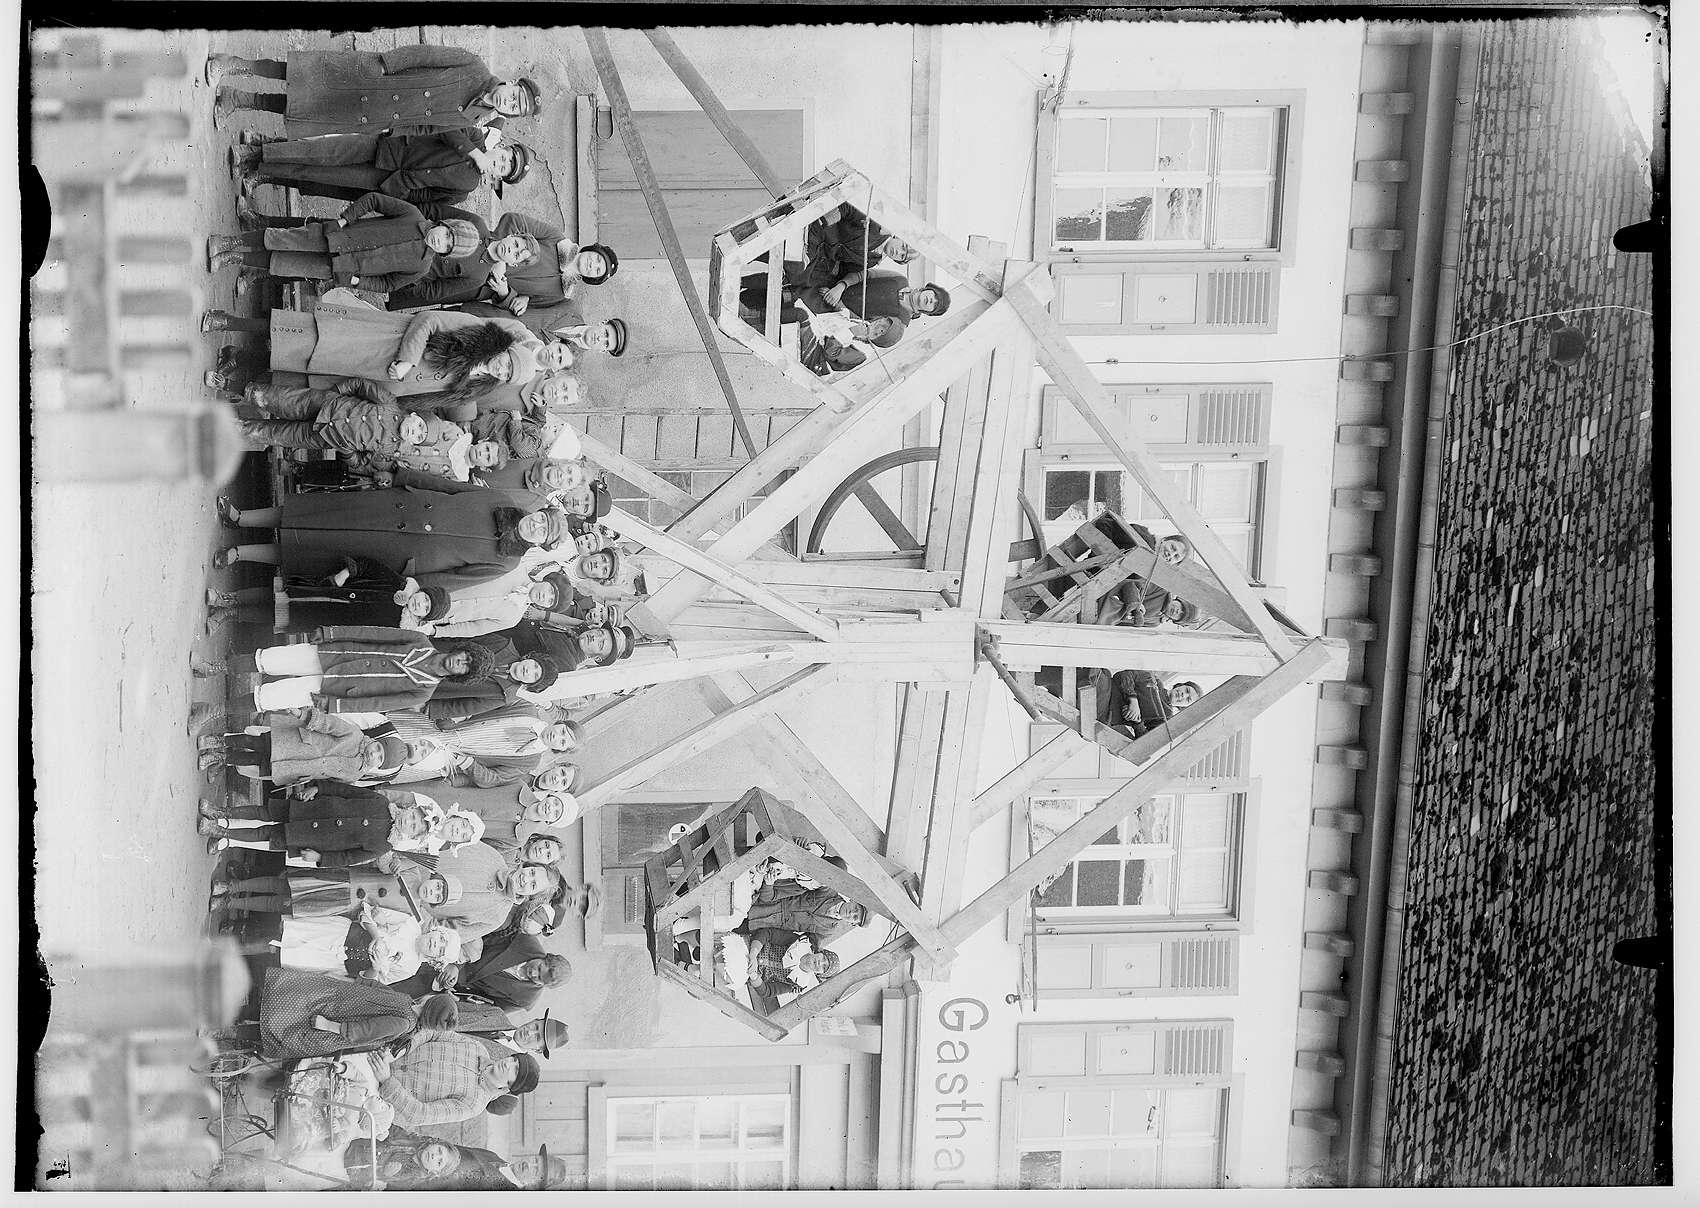 Fasnacht Krauchenwies 1928; Hölzernes Riesenrad, Bild 1